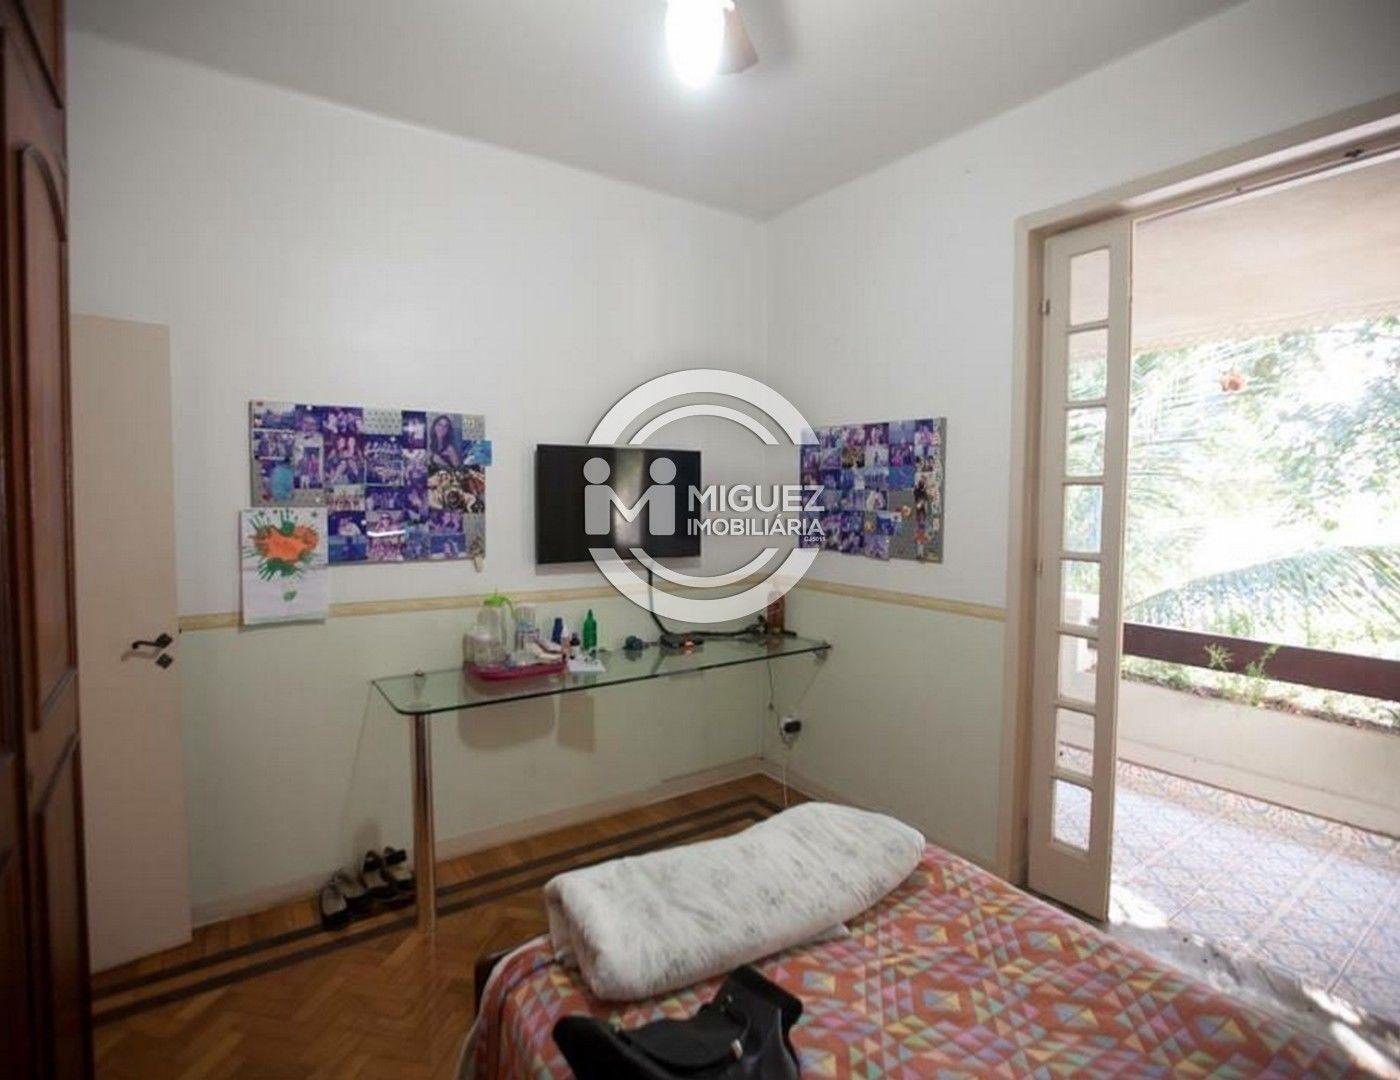 Casa, aluguel, Rua da Cascata - Tijuca , Rio de janeiro